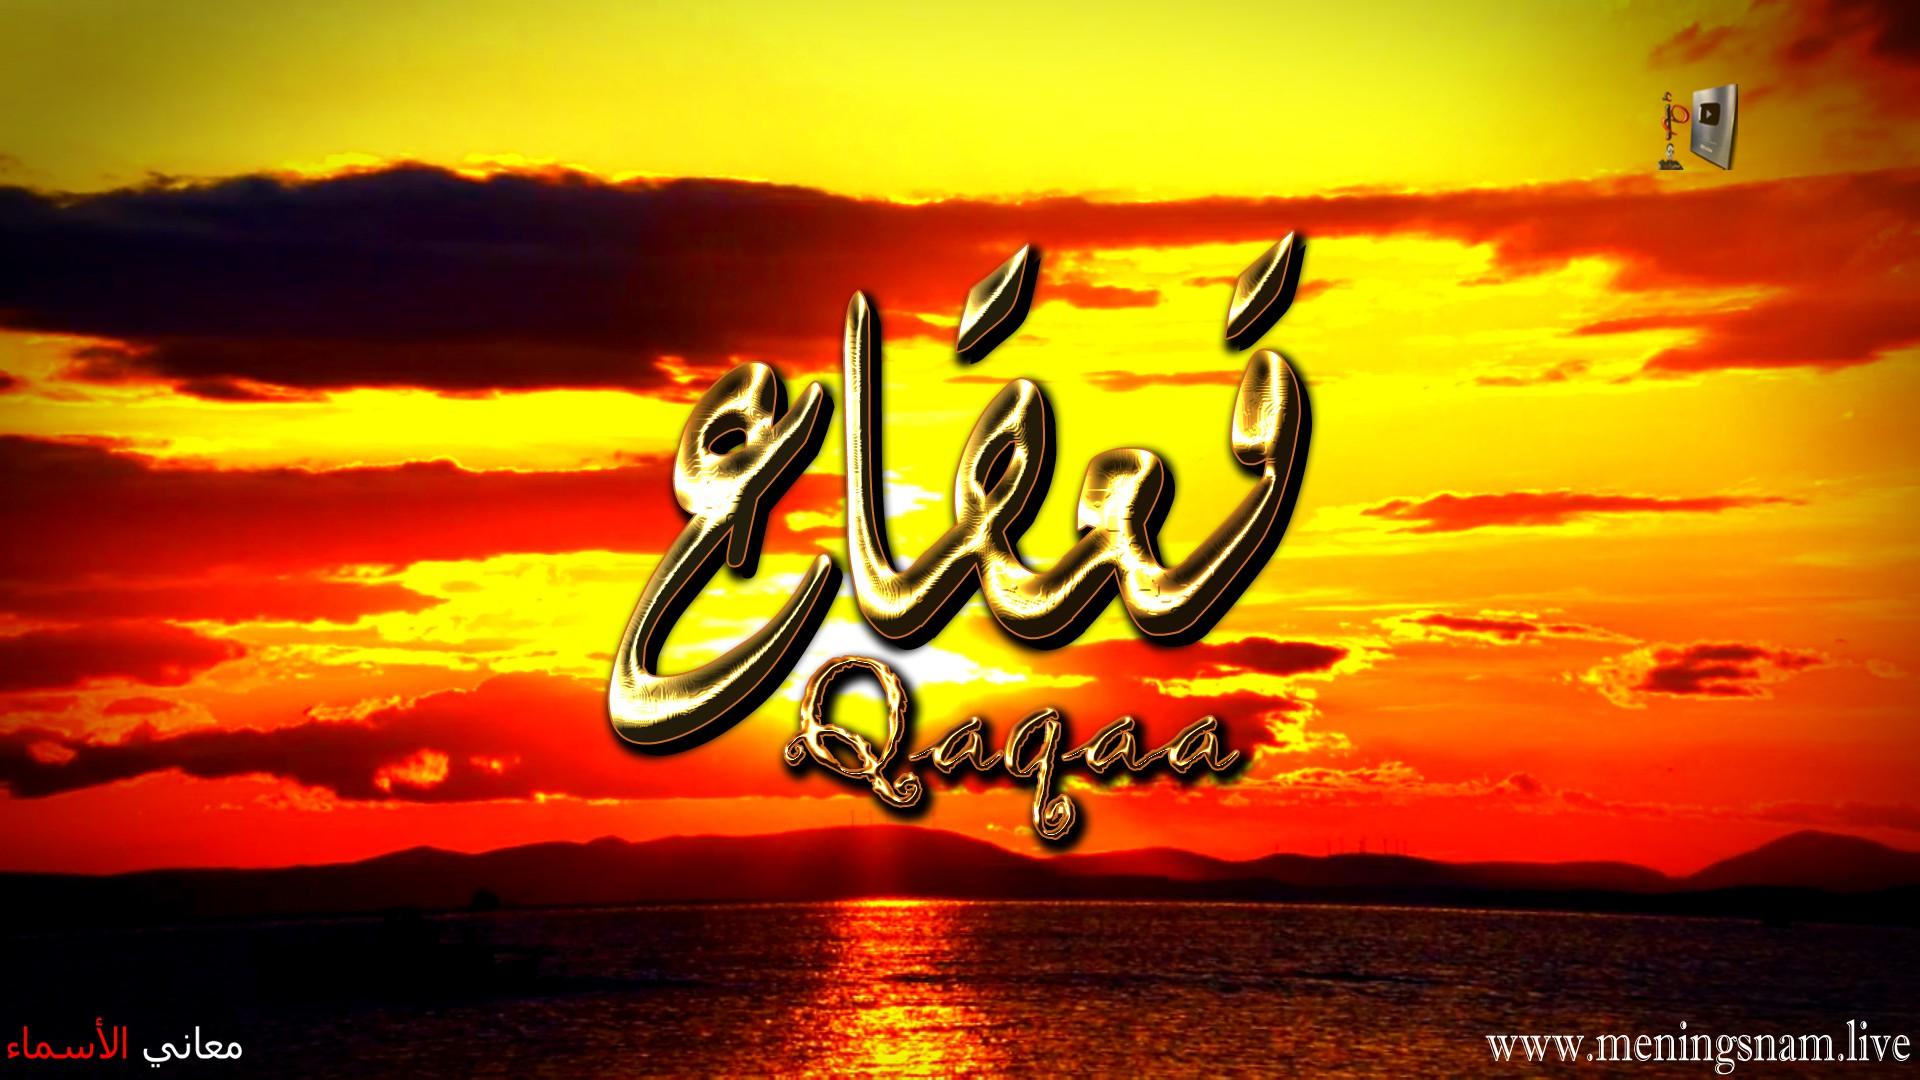 معنى اسم قعقاع وصفات حامل هذا الاسم Qaqaa